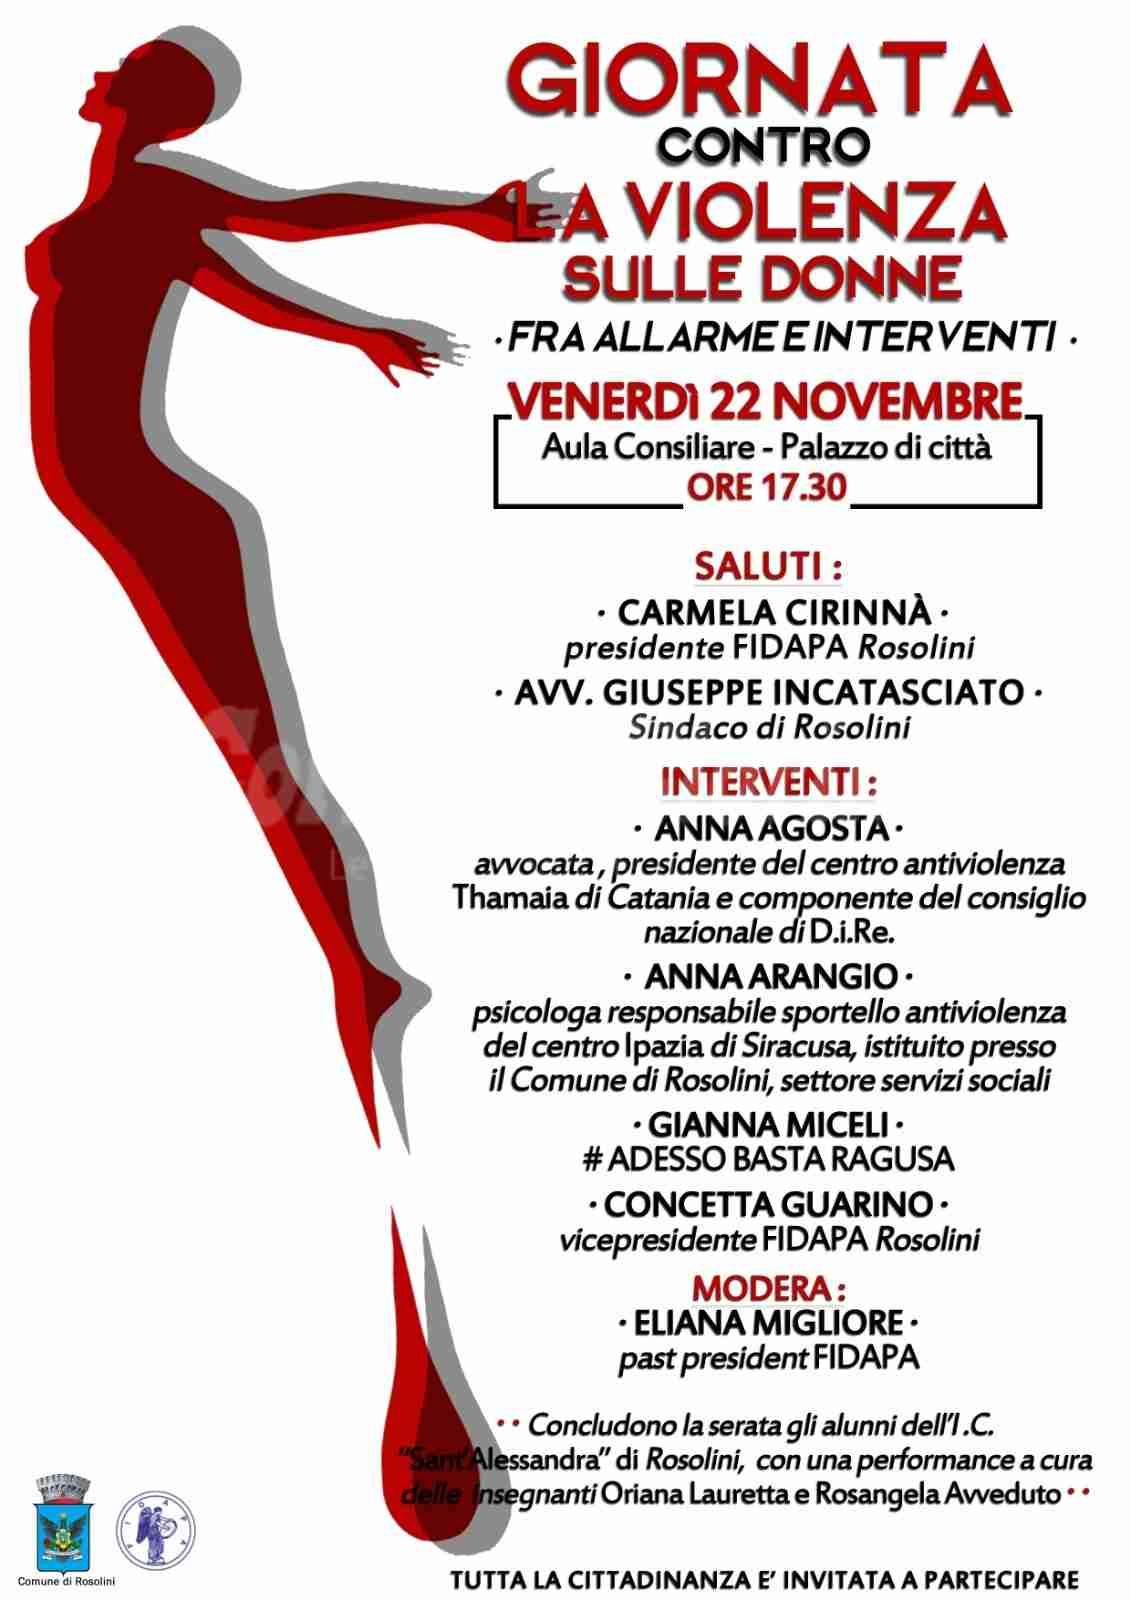 Giornata contro la violenza sulle donne: un incontro promosso dalla Fidapa